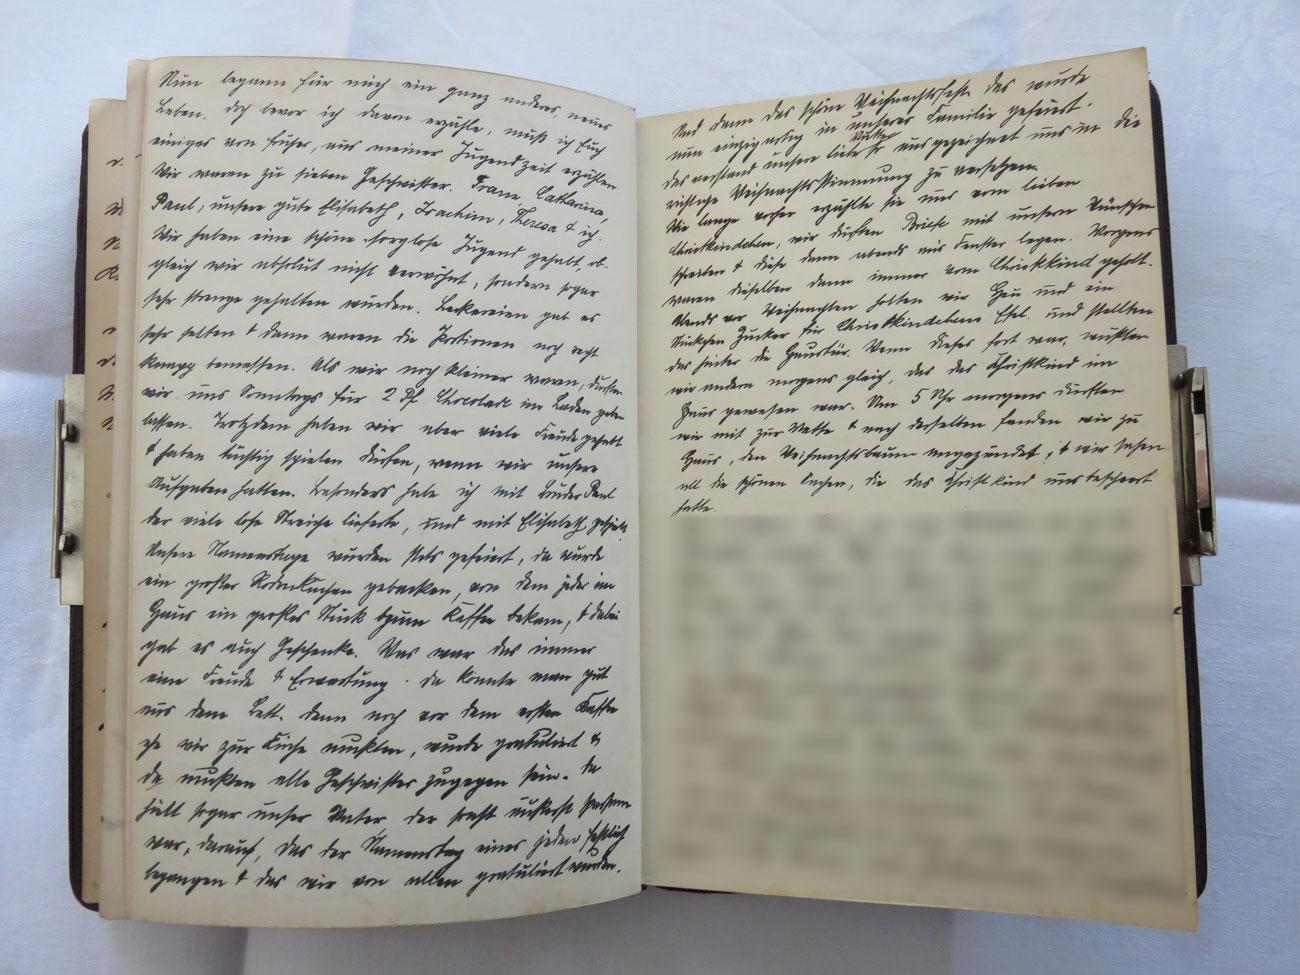 """Extrait du journal intime de / Ausschnitt aus dem Tagebuch von Hedwig Schmitz-Fürstenberg, 1912-1916 © Hedwig Schmitz-Fürstenberg [...] """"Nun begann für mich ein ganz anderes, neues Leben. Doch bevor ich davon erzähle, muss ich euch einiges von früher aus meiner Jugendzeit erzählen. Wir waren zu 7 Geschwister: Franz, Catharina, Paul, unsere gute Elisabeth, Joachim, Theresa und ich. Wir haben eine schöne, sorglose Jugend gehabt, obgleich wir absolut nicht verwöhnt, sondern sogar sehr streng gehalten wurden. Leckereien gab es sehr selten und dann waren die Portionen noch recht knapp bemessen. Als wir noch kleiner waren, durften wir uns sonntags für 2 Pfennige Schokolade im Laden geben lassen. Trotzdem haben wir aber viele Freude gehabt und hatten tüchtig spielen dürfen wenn wir unsere Aufgaben gemacht hatten. Besonders habe ich mit Bruder Paul, der viele lose Streiche lieferte, und mit Elisabeth gespielt. Unsere Namenstage wurden stets gefeiert, da wurde ein großer Rodonkuchen gebacken, von dem jeder im Haus ein großes Stück zum Kaffee bekam und dabei gab es auch Geschenke. Was war das immer eine Freude und Erwartung. Da konnte man gut aus dem Bett, denn noch vor dem ersten Kaffee wir zur Kirche mussten, wurde gratuliert und da mussten alle Geschwister zugegen sein. Da hielt sogar unser Vater, der sonst äußerst sparsam war, darauf, dass der Namenstag eines jeden festlich begangen und dass wir von allen gratuliert wurden.  Und dann das schöne Weihnachtsfest! Das wurde einzigartig in unserer Familie gefeiert. Das verstand unsere liebe Mutter ausgezeichnet uns in die richtige Weihnachtsstimmung zu versetzen. Wie lange vorher erzählte sie uns vom lieben Christkindchen. Wir durften Briefe mit unseren Wünschen schreiben und diese dann abends ans Fenster legen. Morgens wurden dieselben dann immer vom Christkind geholt. Abends vor Weihnachten holten wir Heu und ein Stückchen Zucker für Christkindchens Esel und stellten das hinter die Haustür. Wenn dieses fort war, wussten wir """